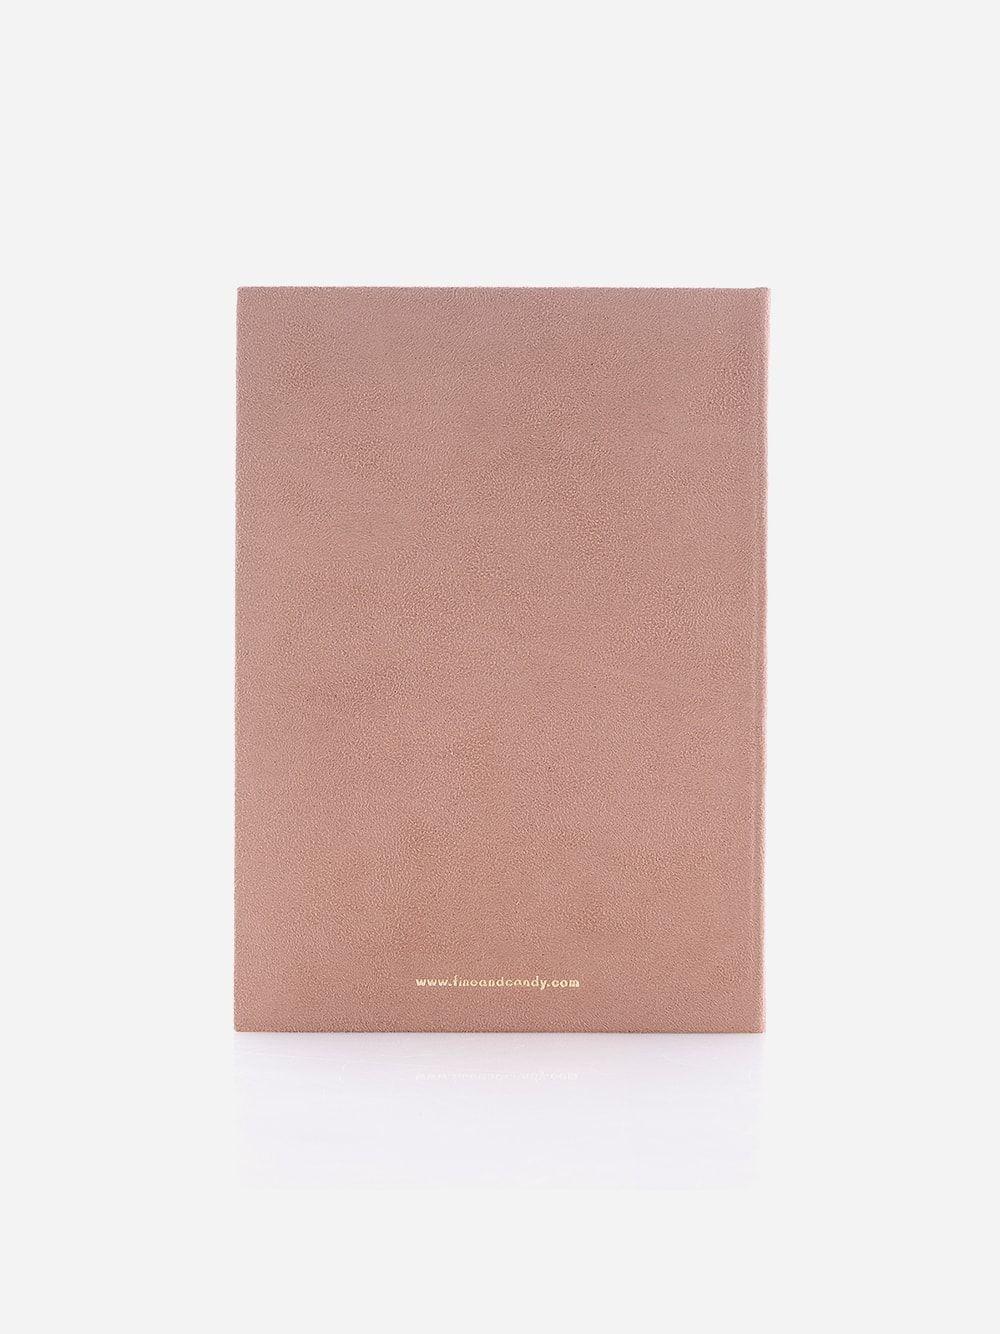 Brown Sugar Notebook   Fine & Candy